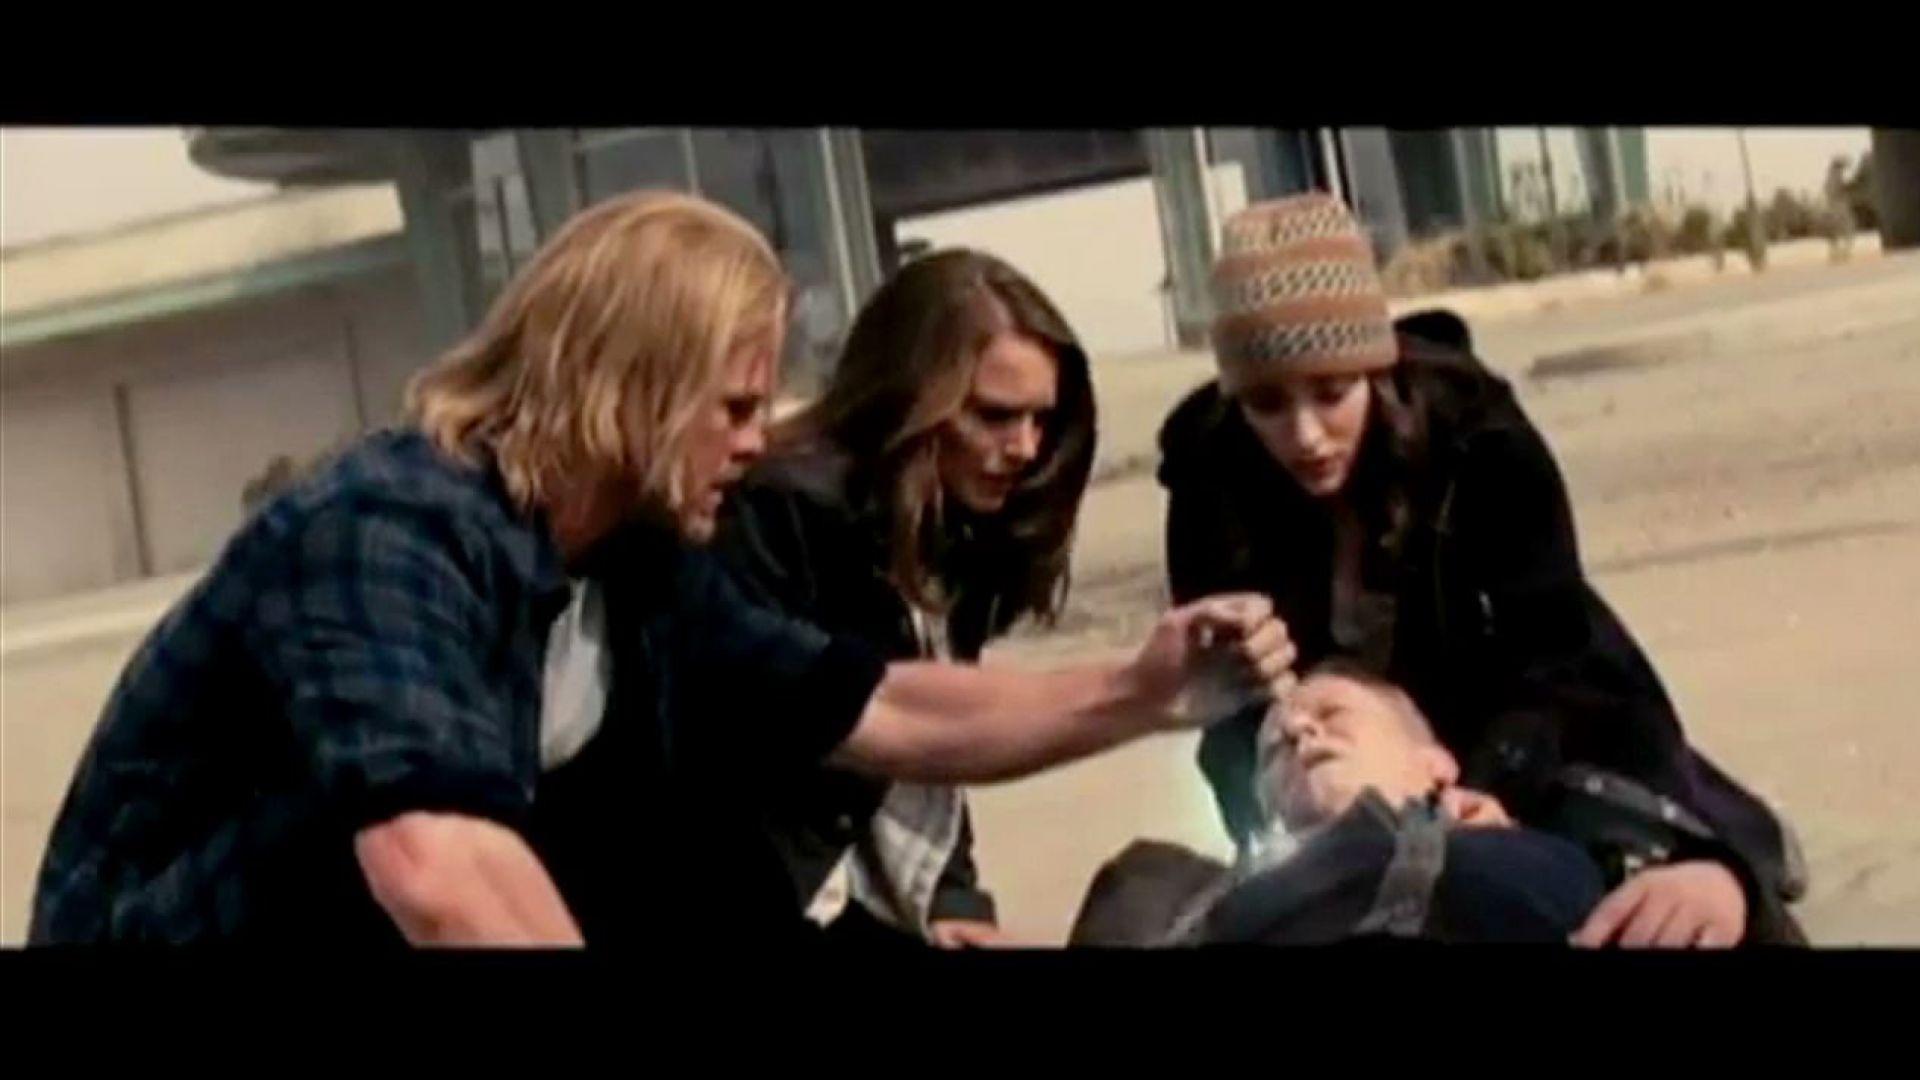 Thor saves Erik using a healing stone